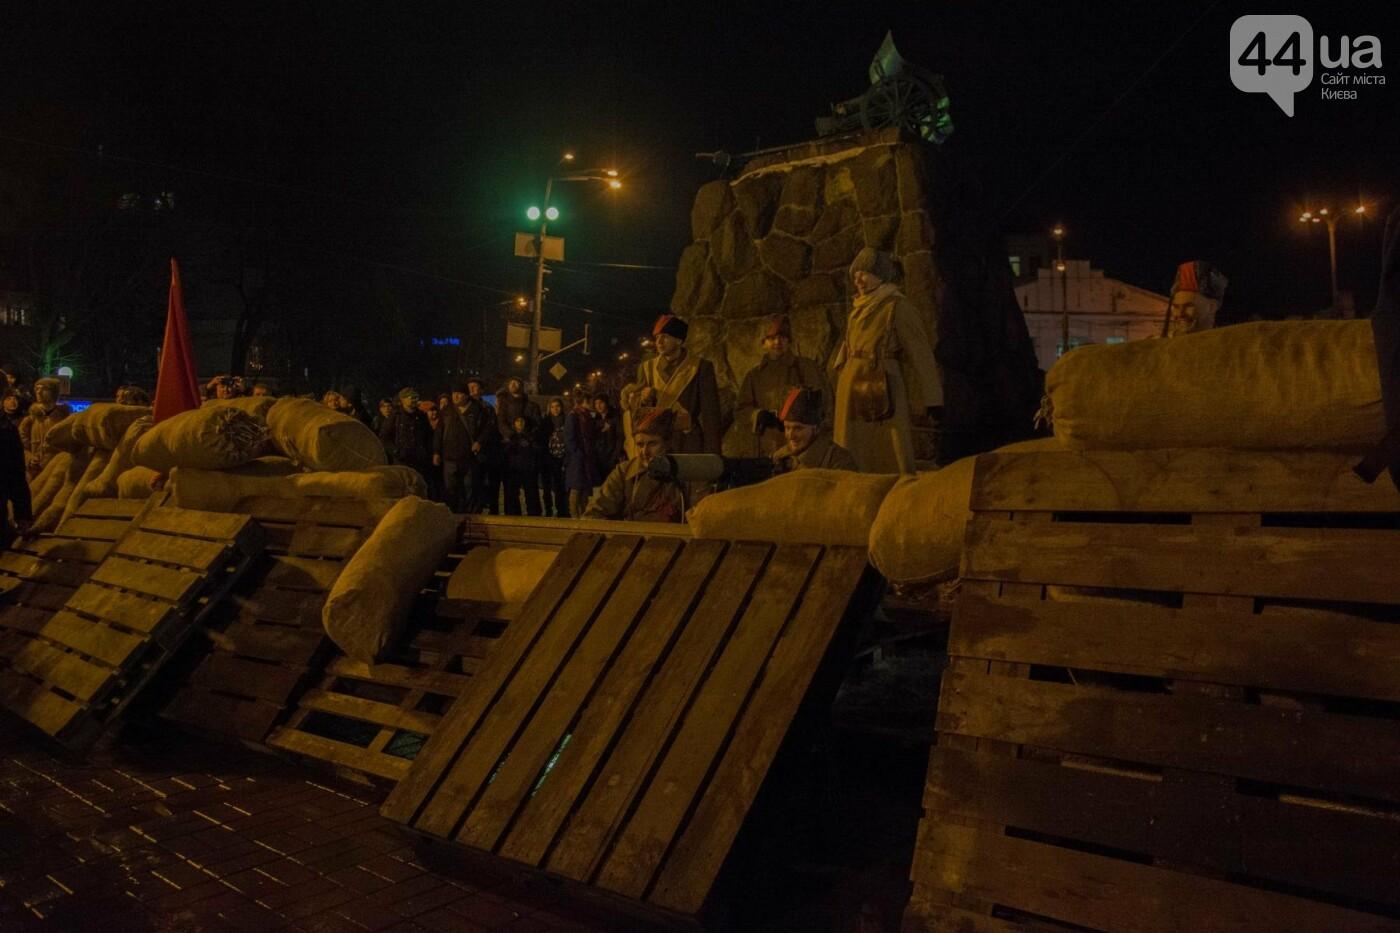 В Киеве провели реконструкцию боя за завод Арсенал (ФОТОРЕПОРТАЖ), фото-10